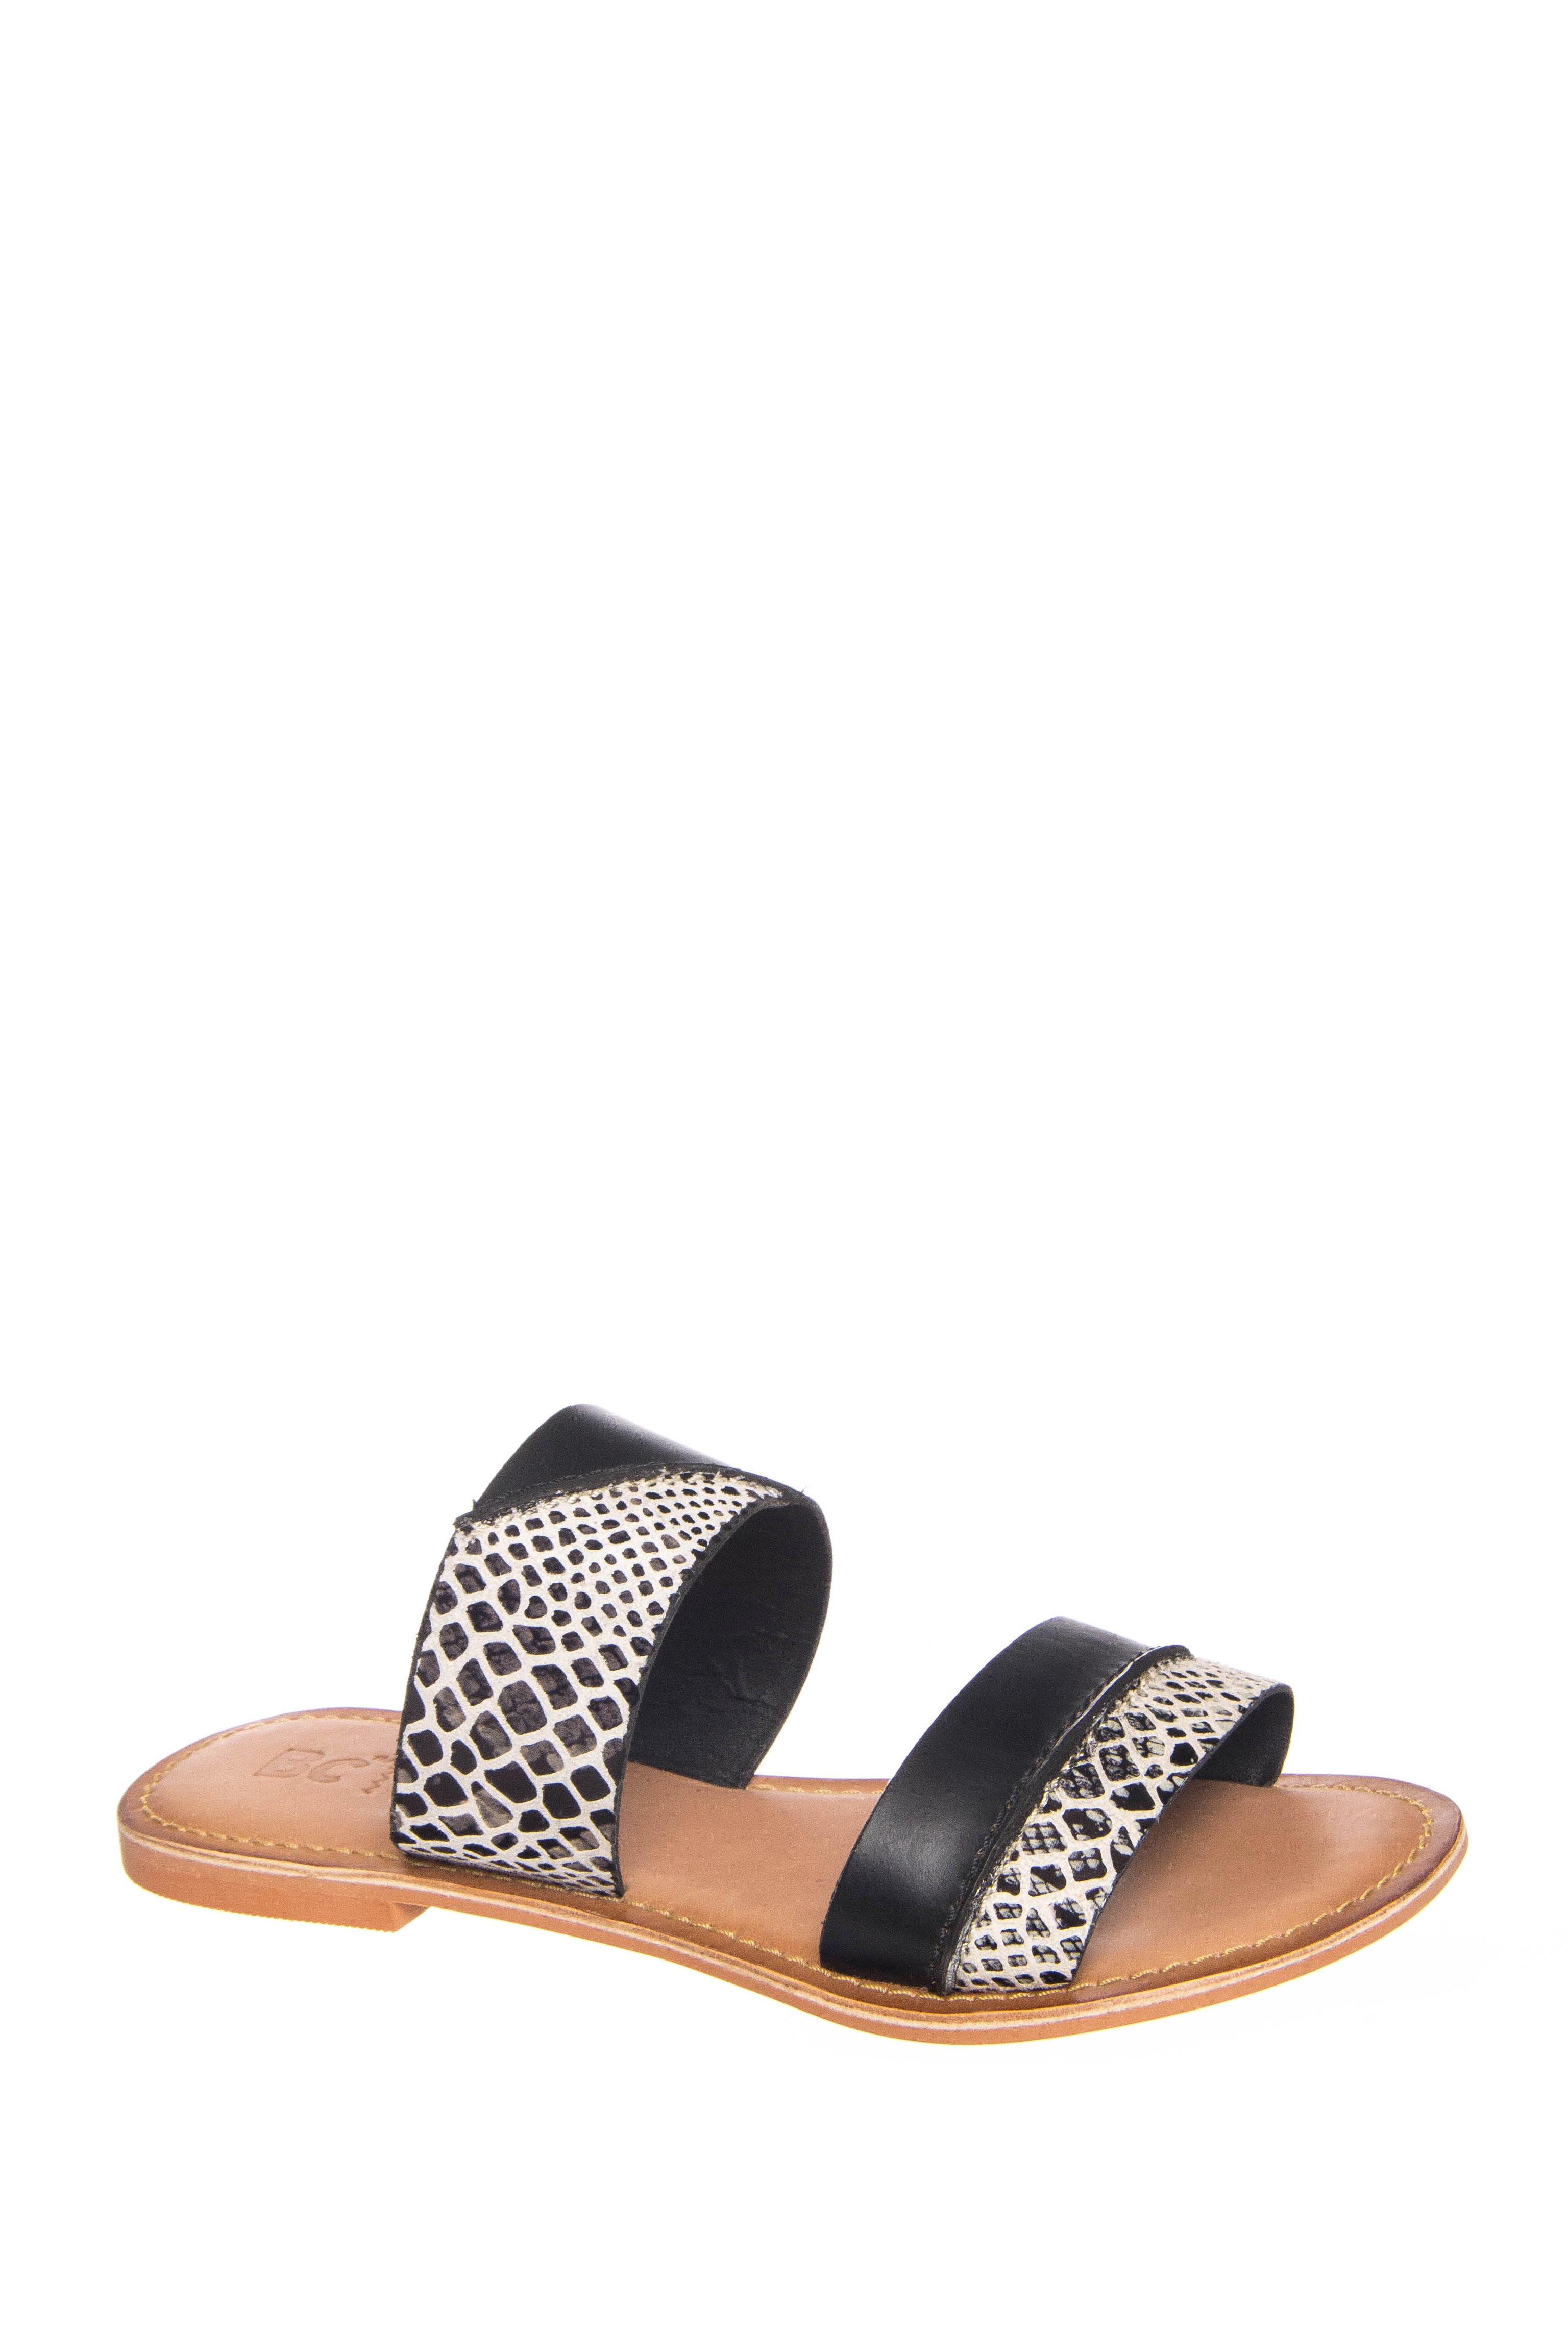 BC Footwear On The Spot Flats Sandals - Black Multi